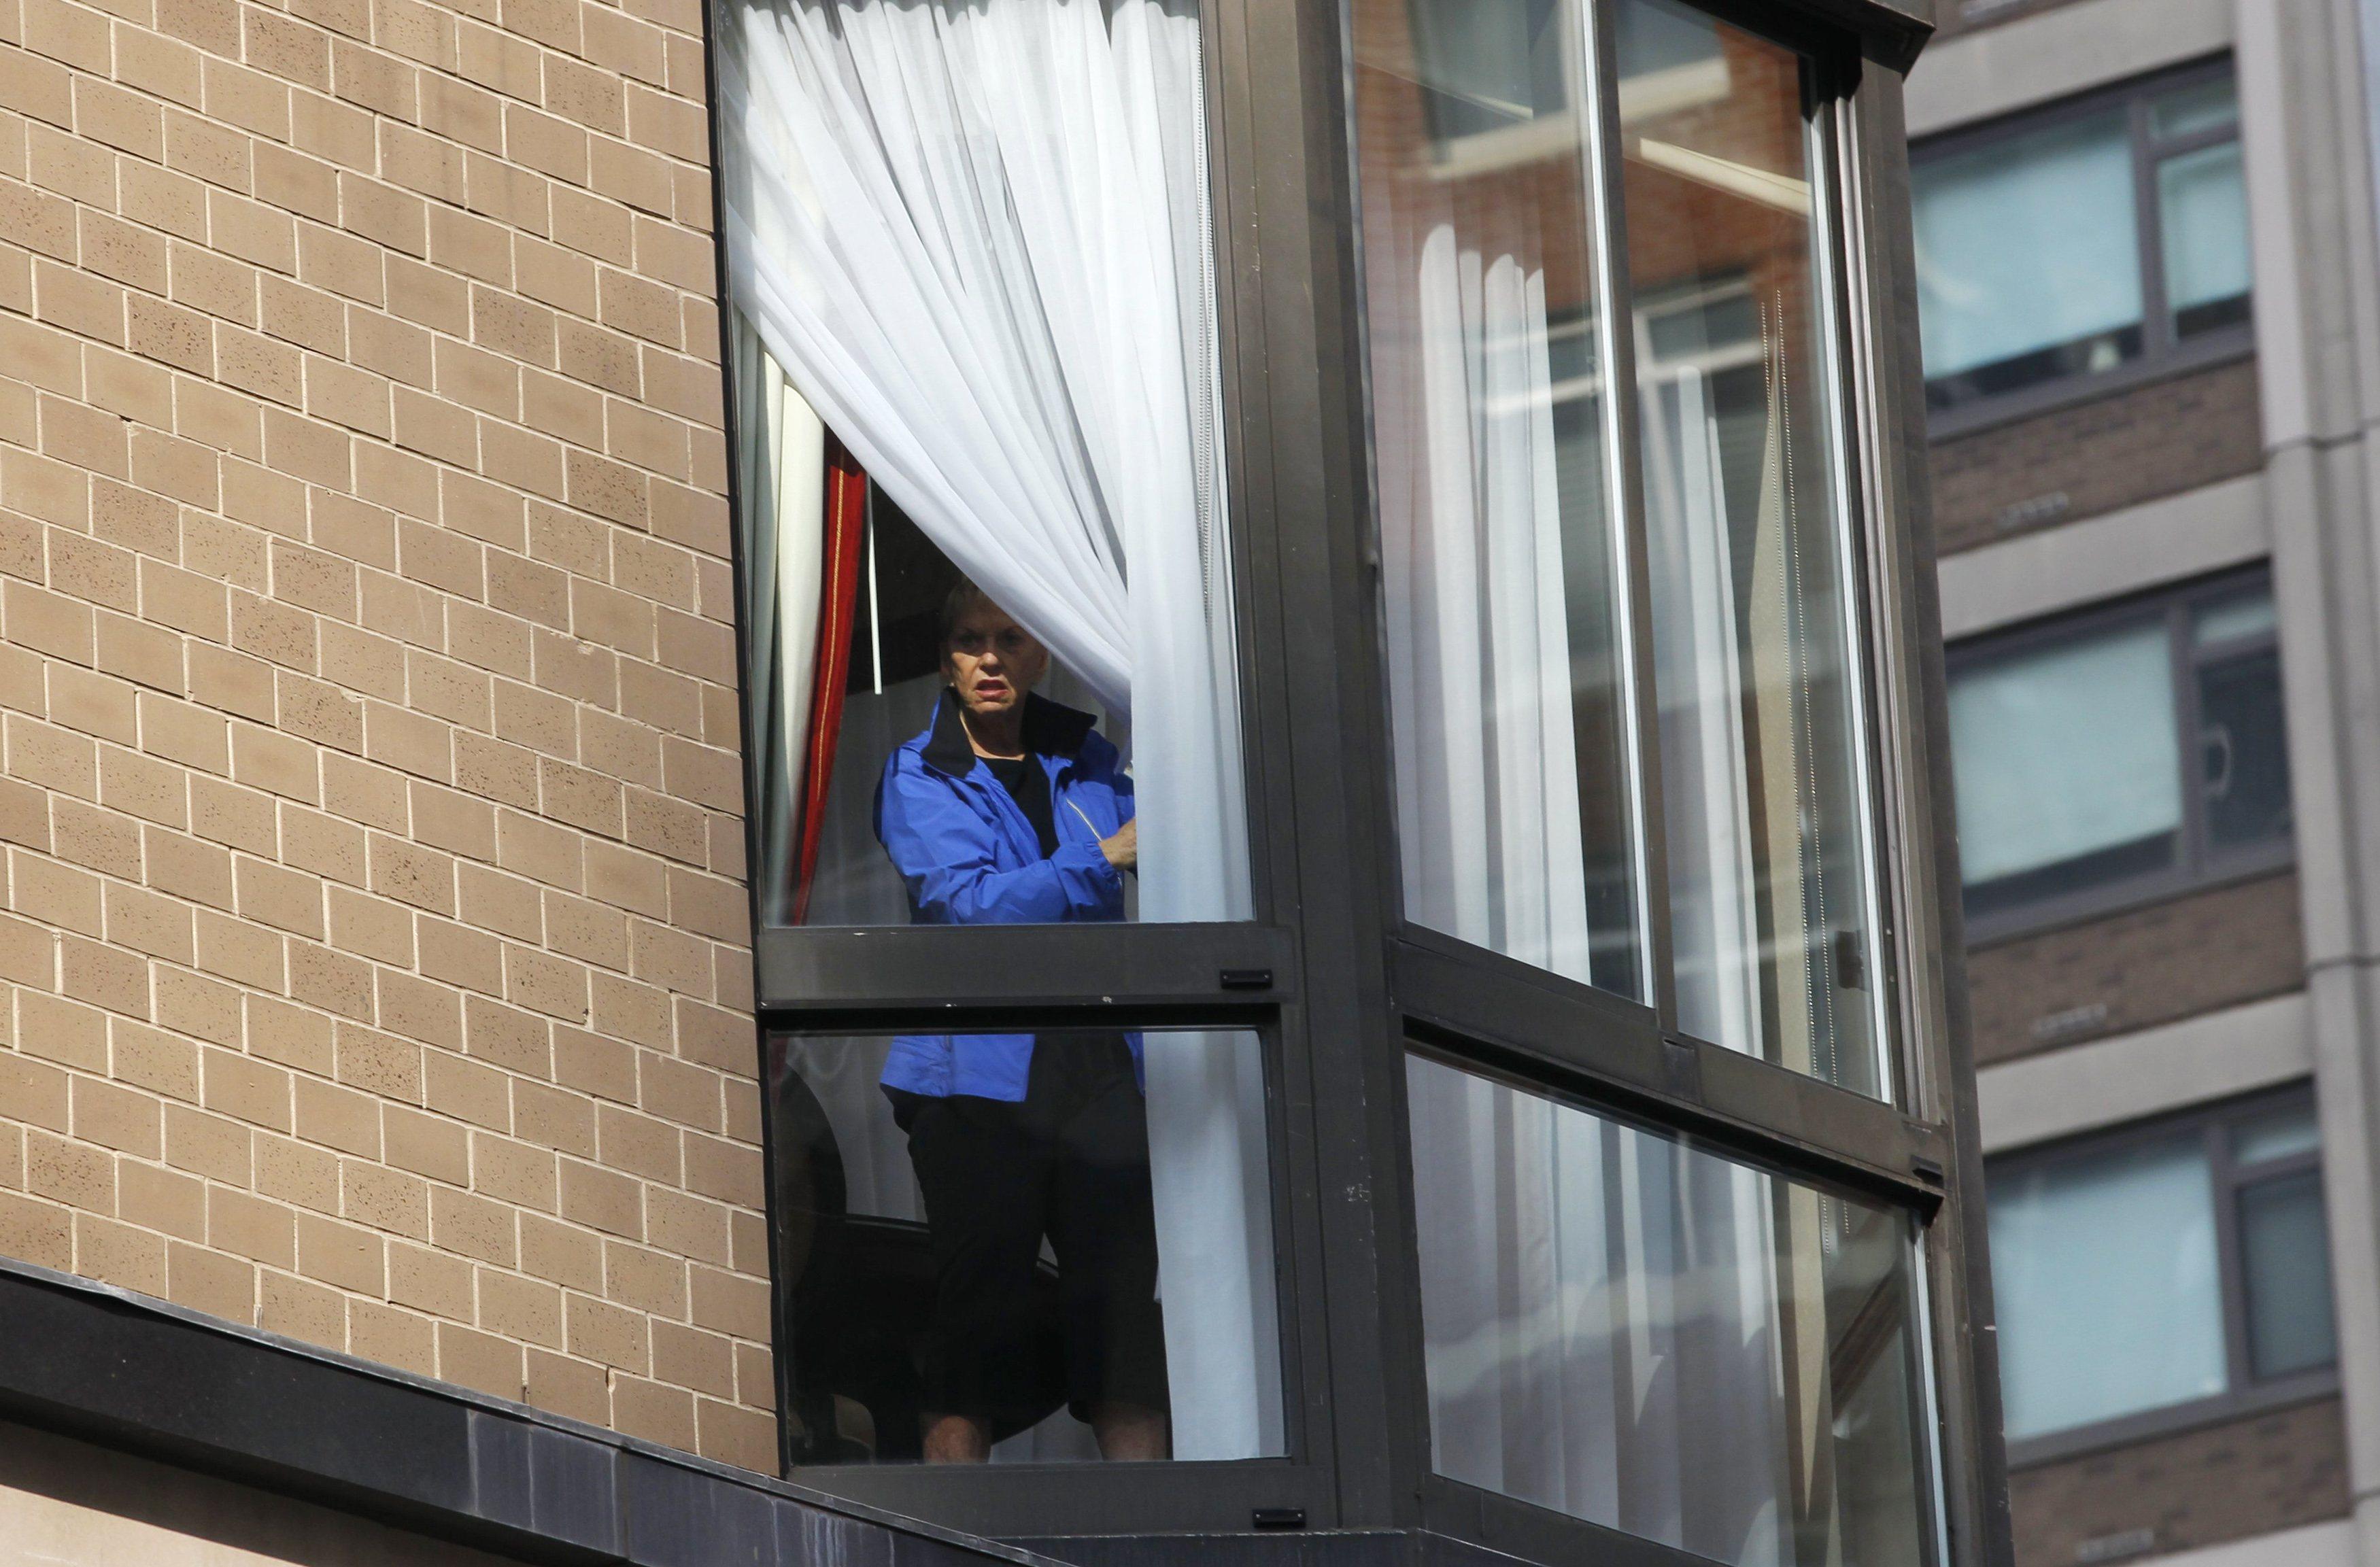 Μια από τους ενοίκους του Bristol Plaza κοιτά με... τρόπο τι γίνεται κάτω από το σπίτι της - ΦΩΤΟ REUTERS